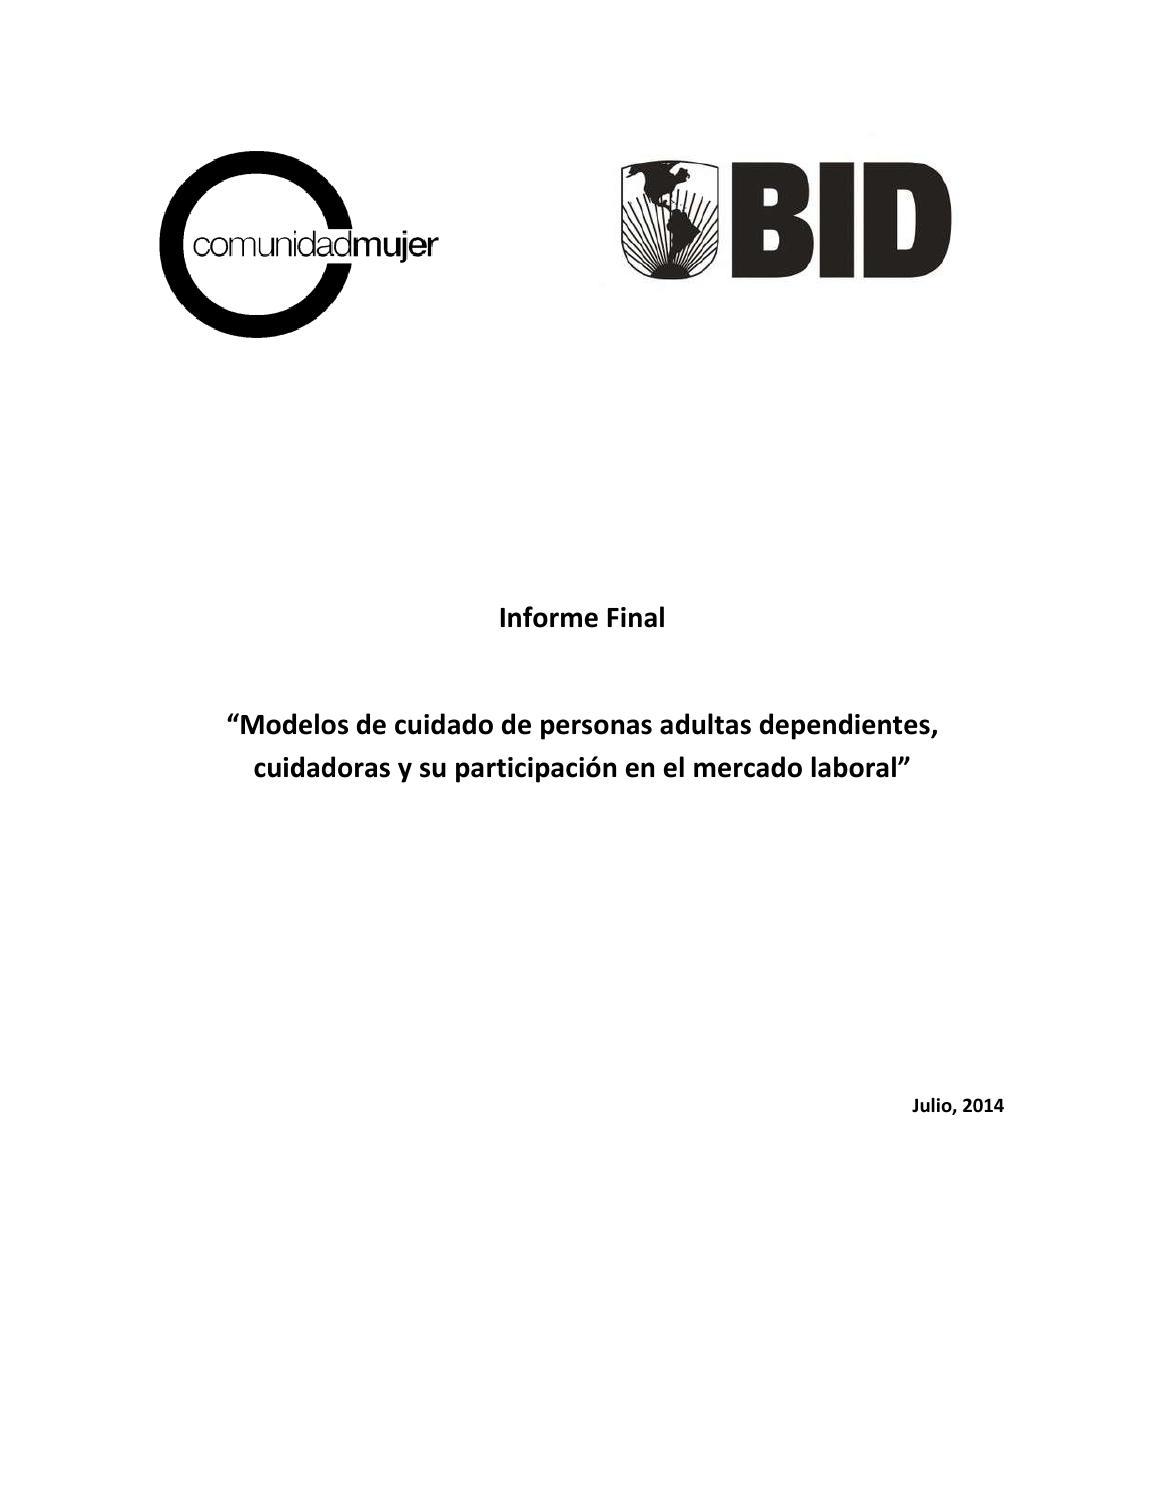 Informe final modelos de cuidado, cuidadoras y participación by ...